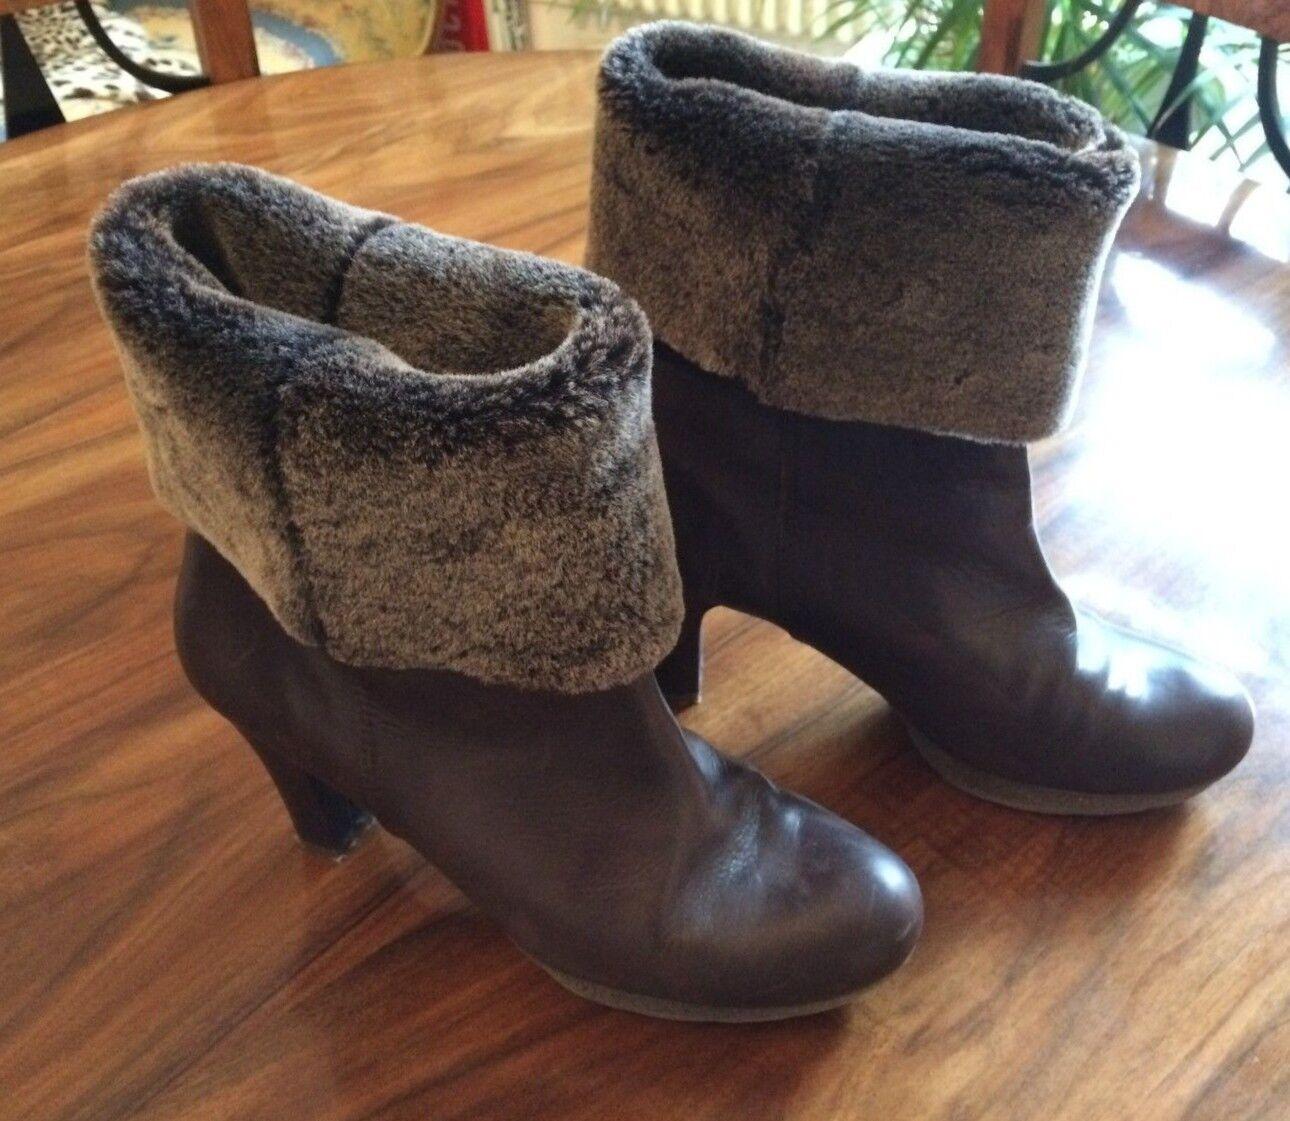 Unsia Stiefel mit Stulpe braun Schuhgrösse 41 gebraucht